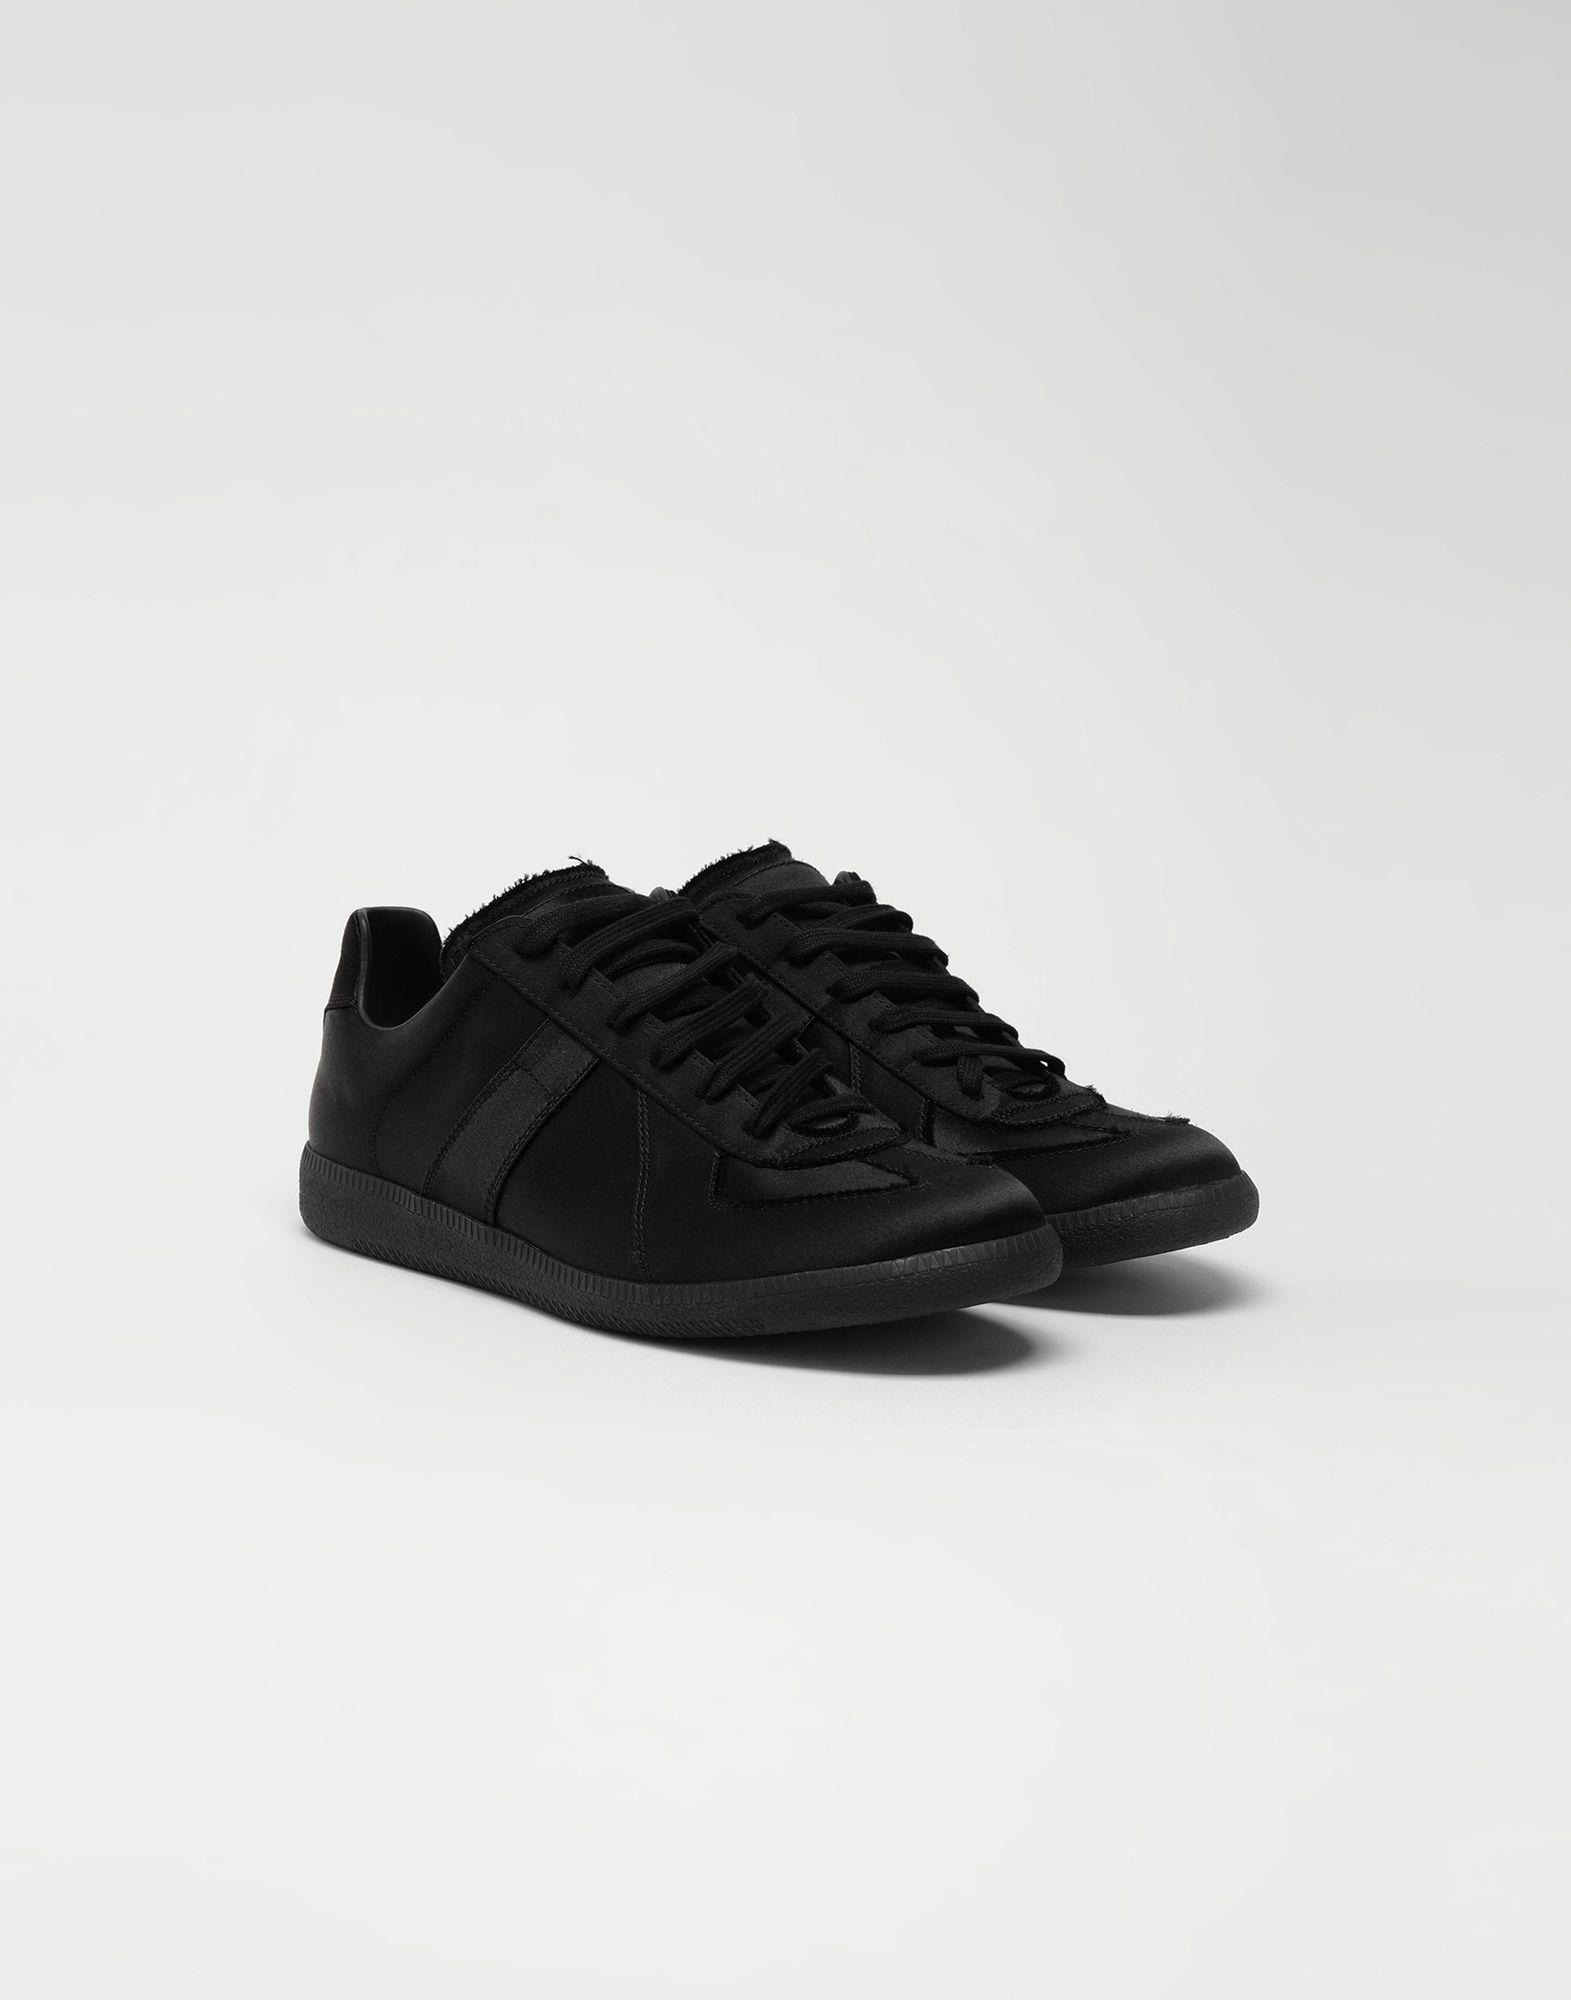 MAISON MARGIELA Replica low top satin sneakers Sneakers Man r